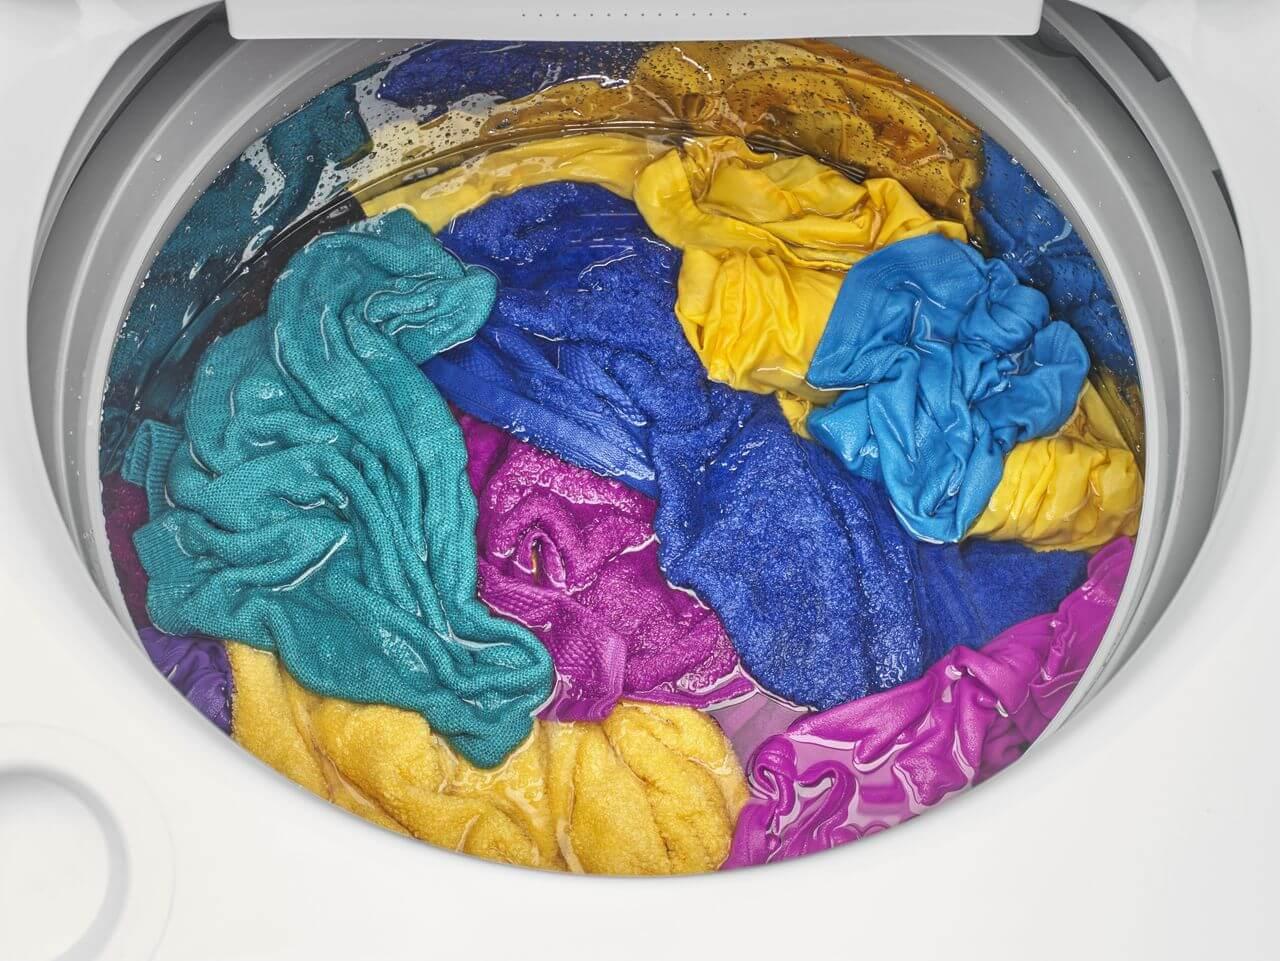 Alta carga de lavado y enjuague con mayor eficiencia